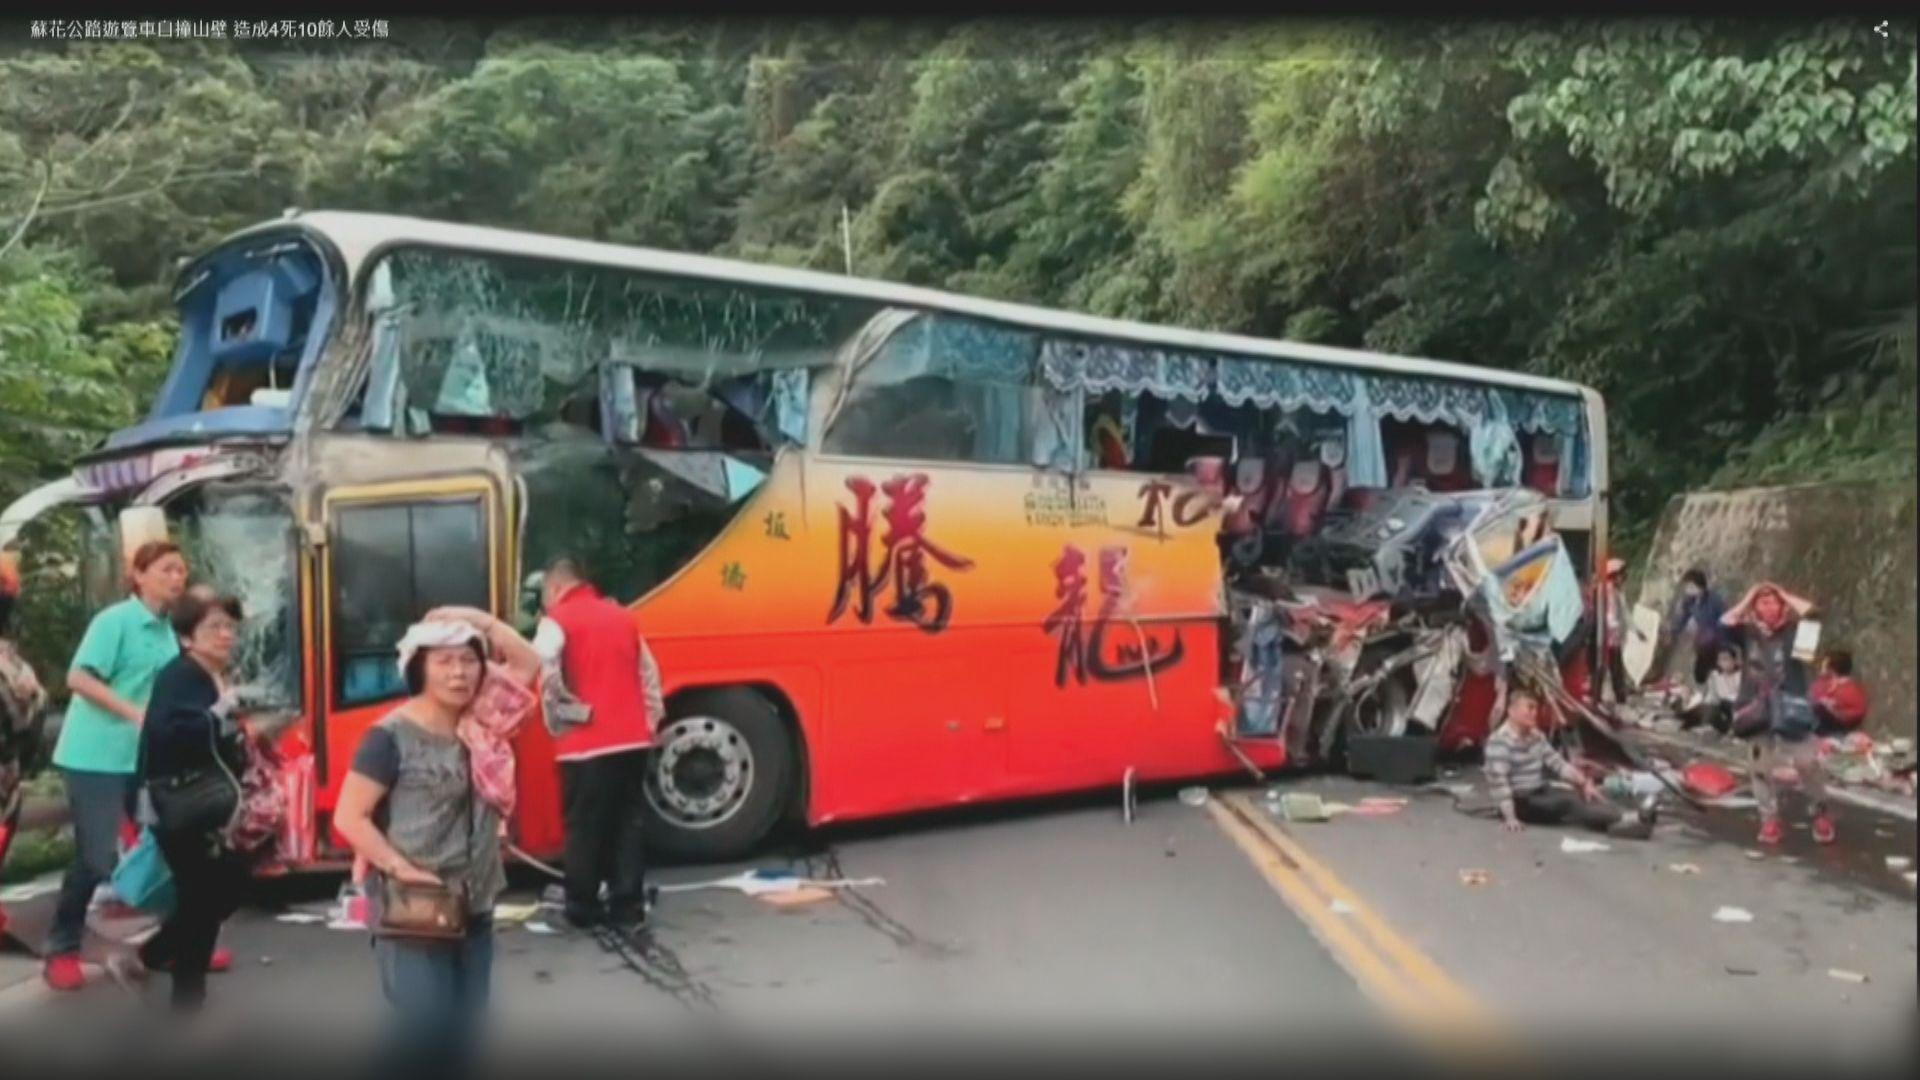 台灣宜蘭發生嚴重車禍 至少6死39傷